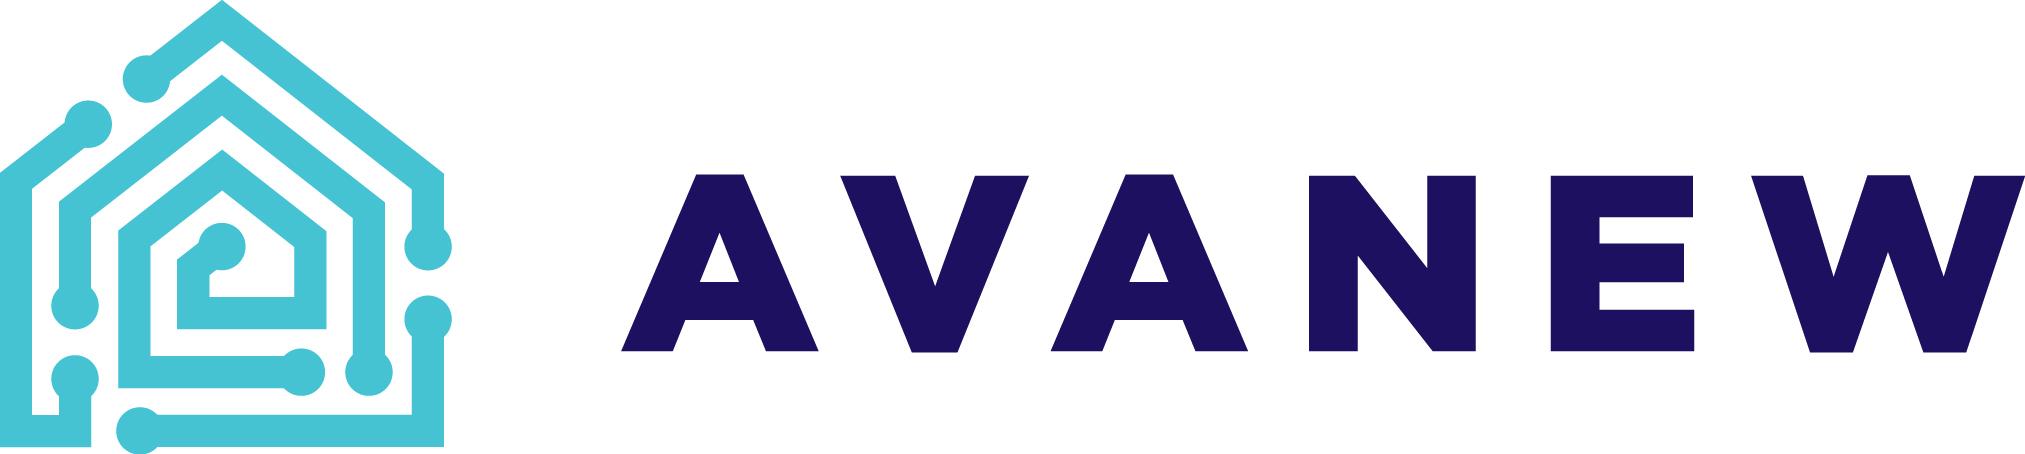 Avanew